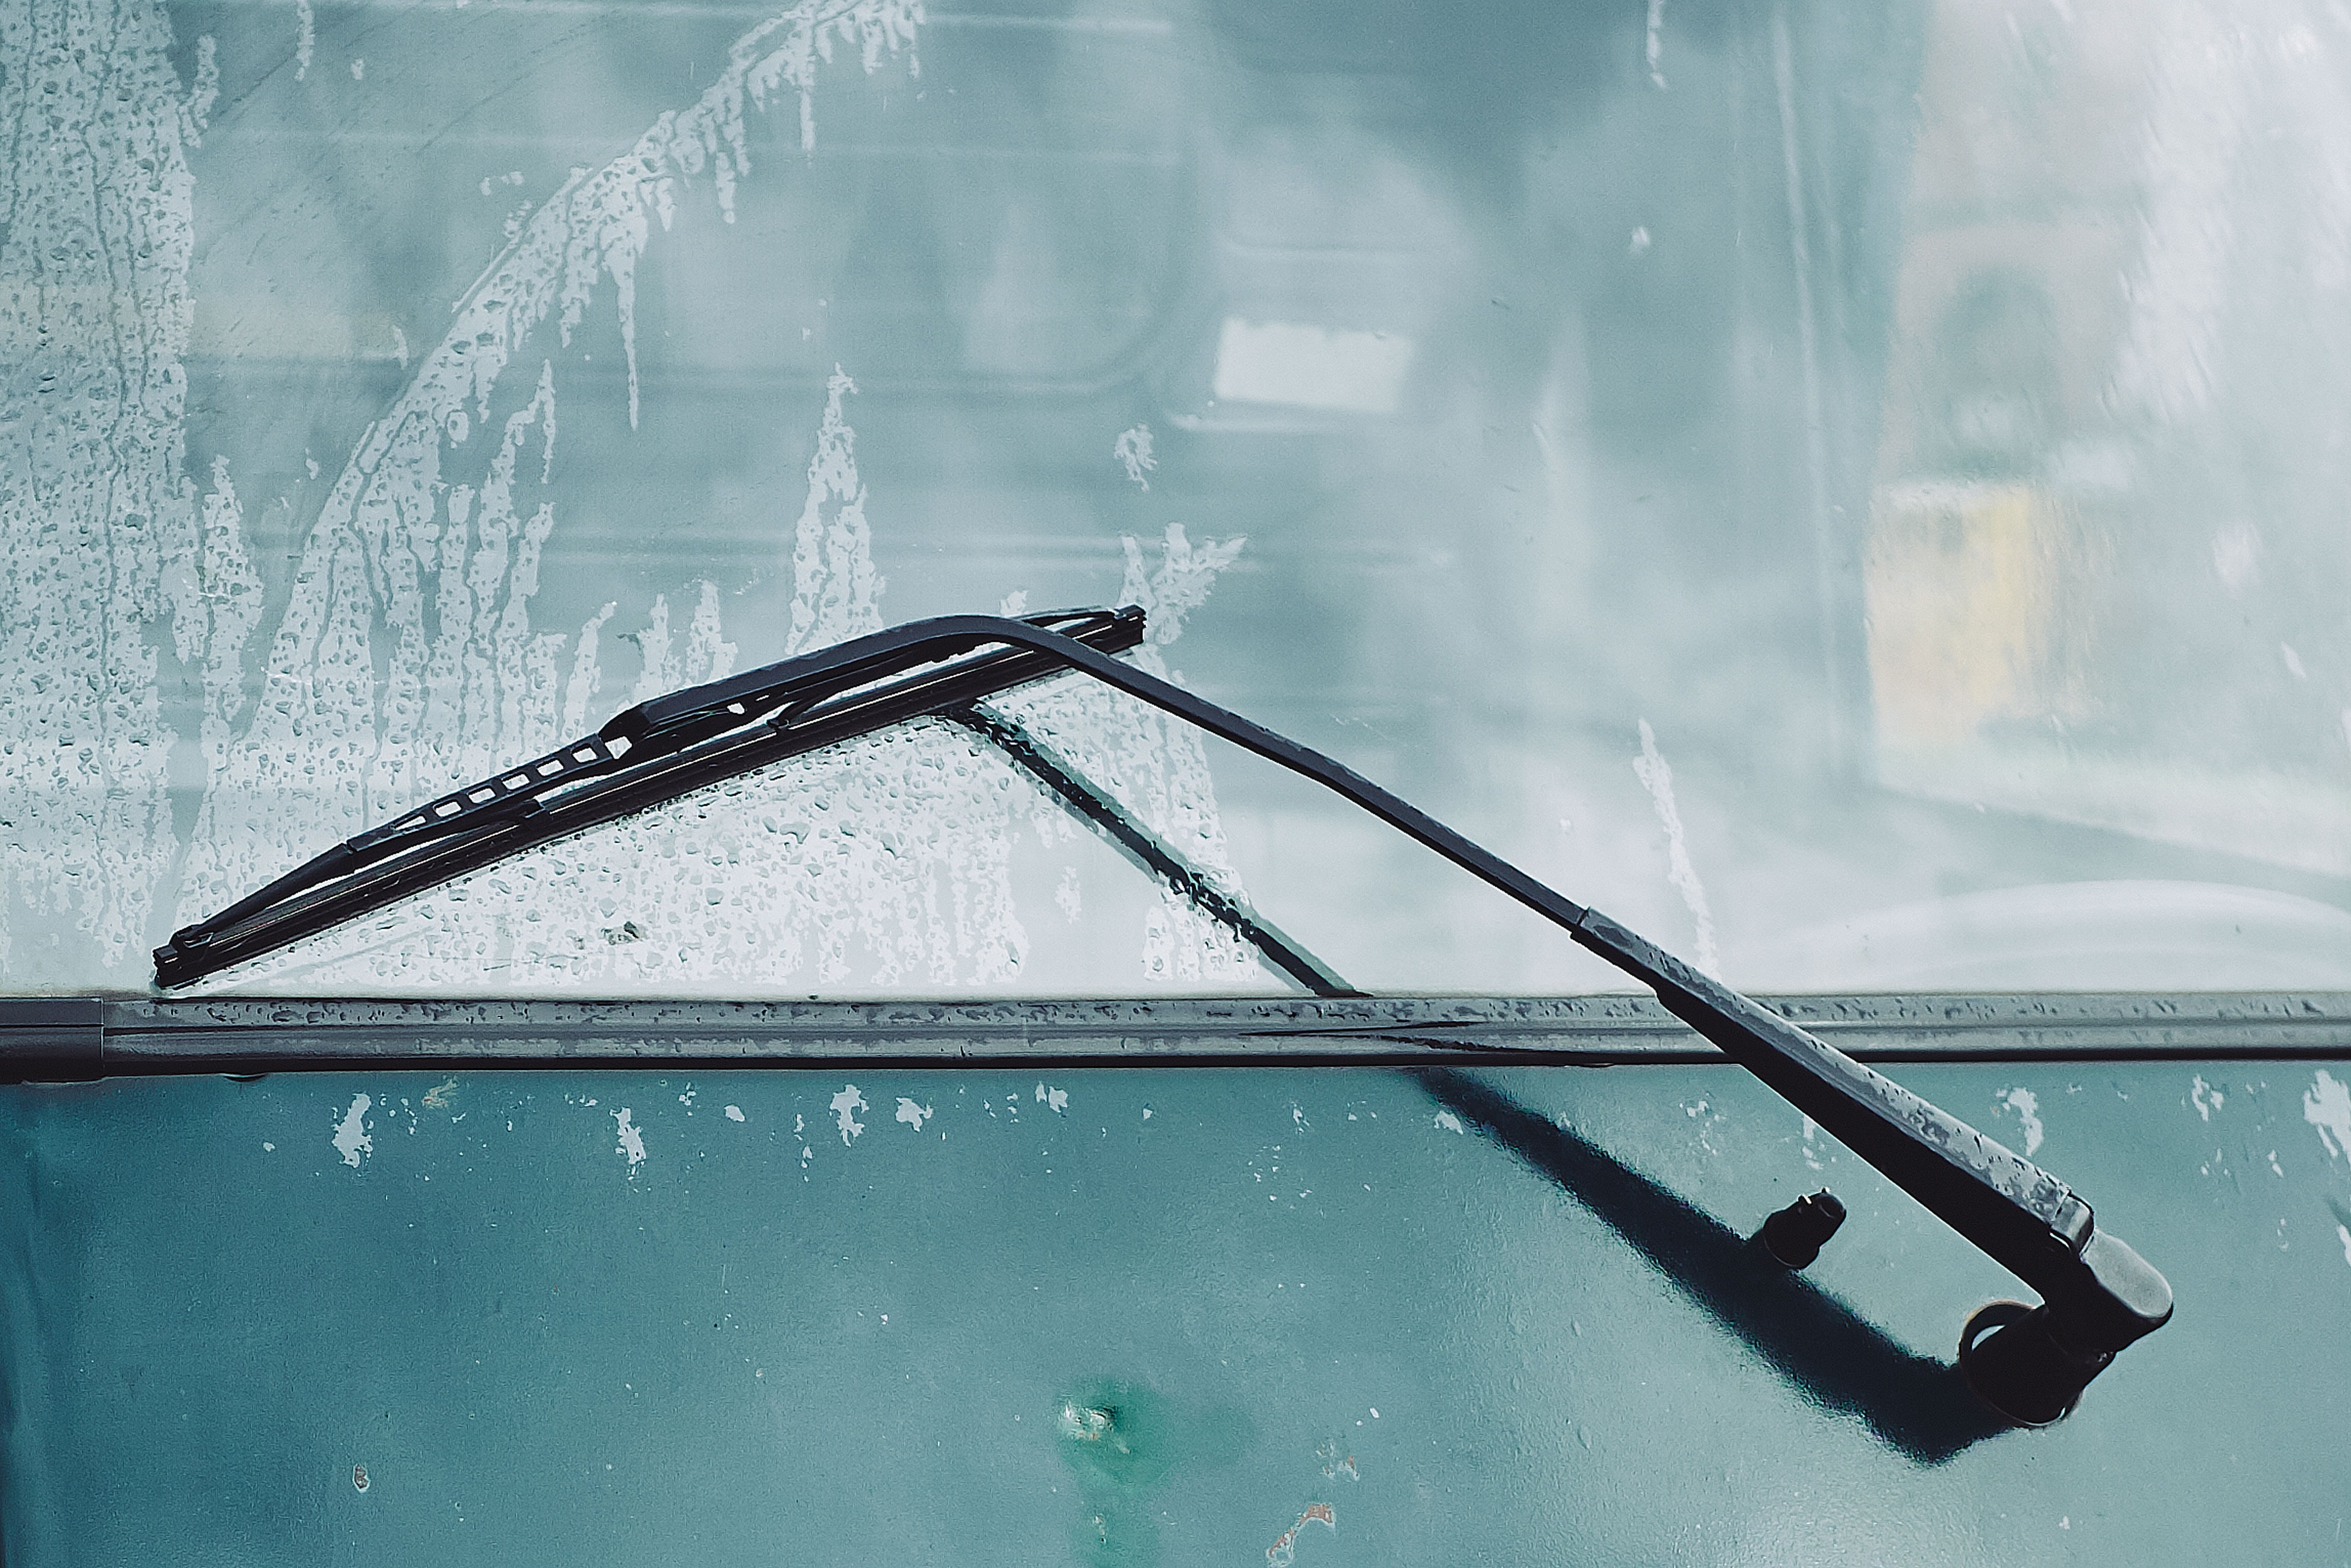 charles loyer d9HYRFikFZ0 unsplash - Derfor er det vigtigt at tjekke dine vinduesviskere